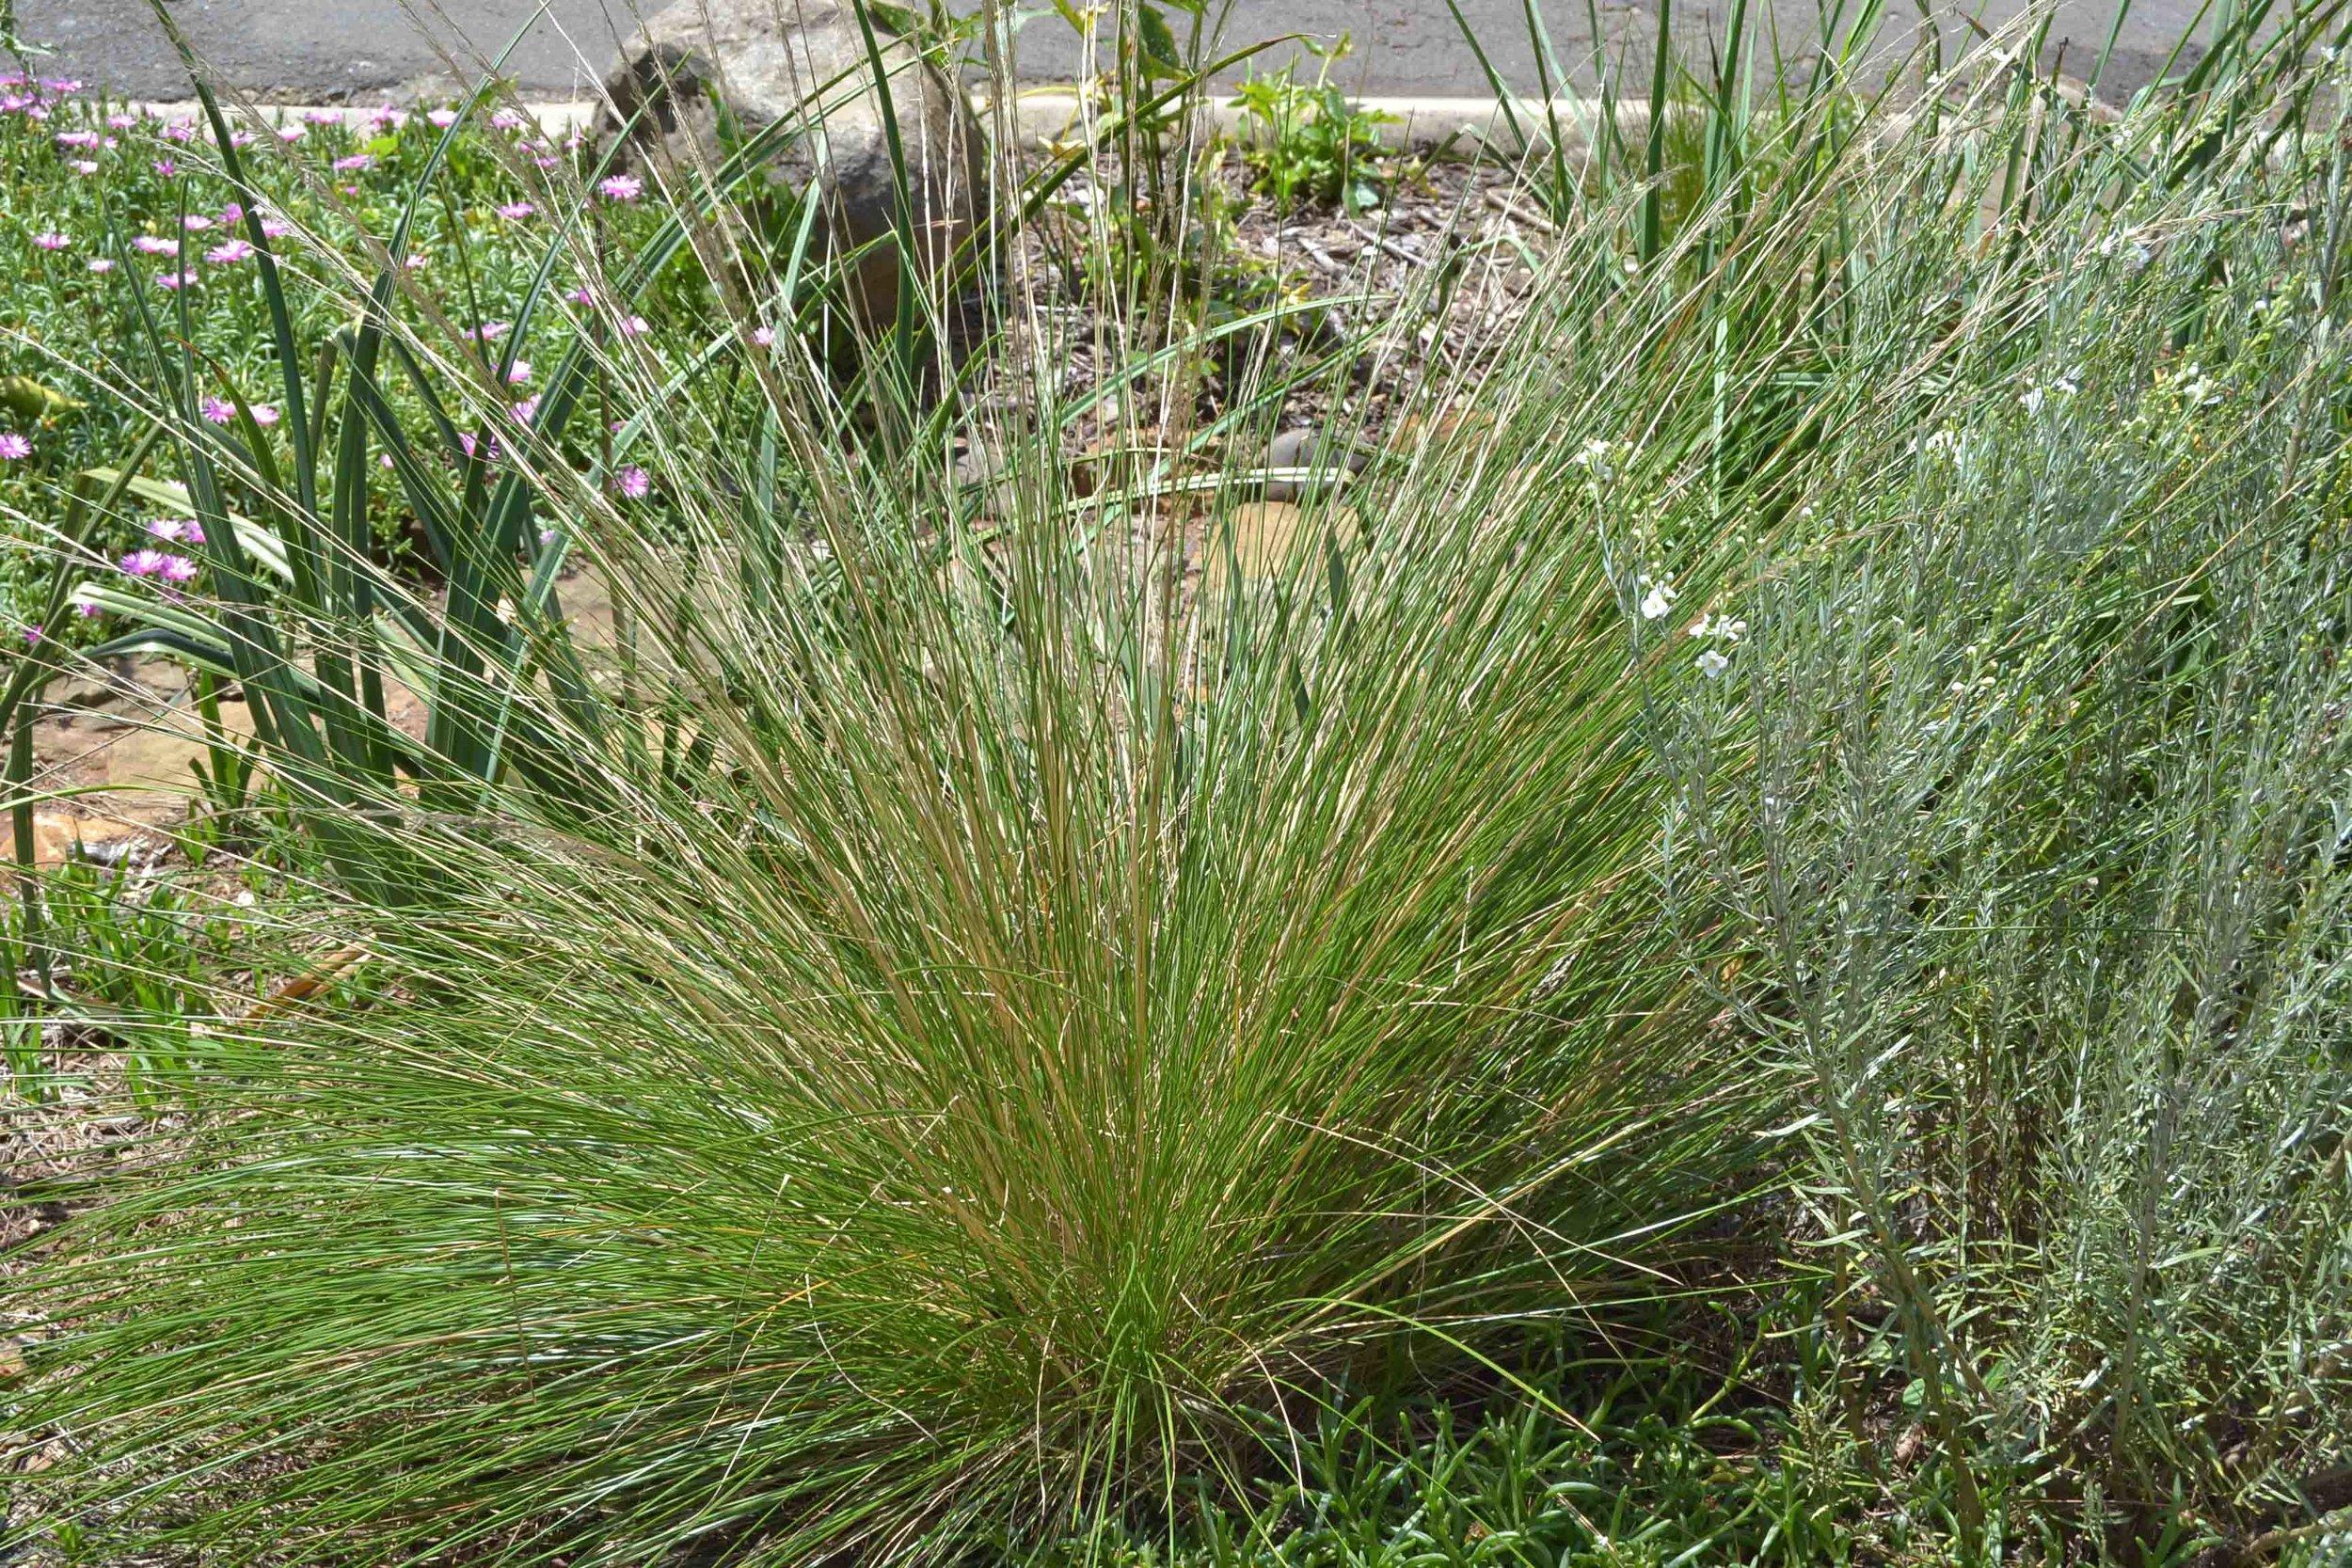 Merxmuellera macowanii  - beautiful ornamental grass ( Gomphostigma  on Right)